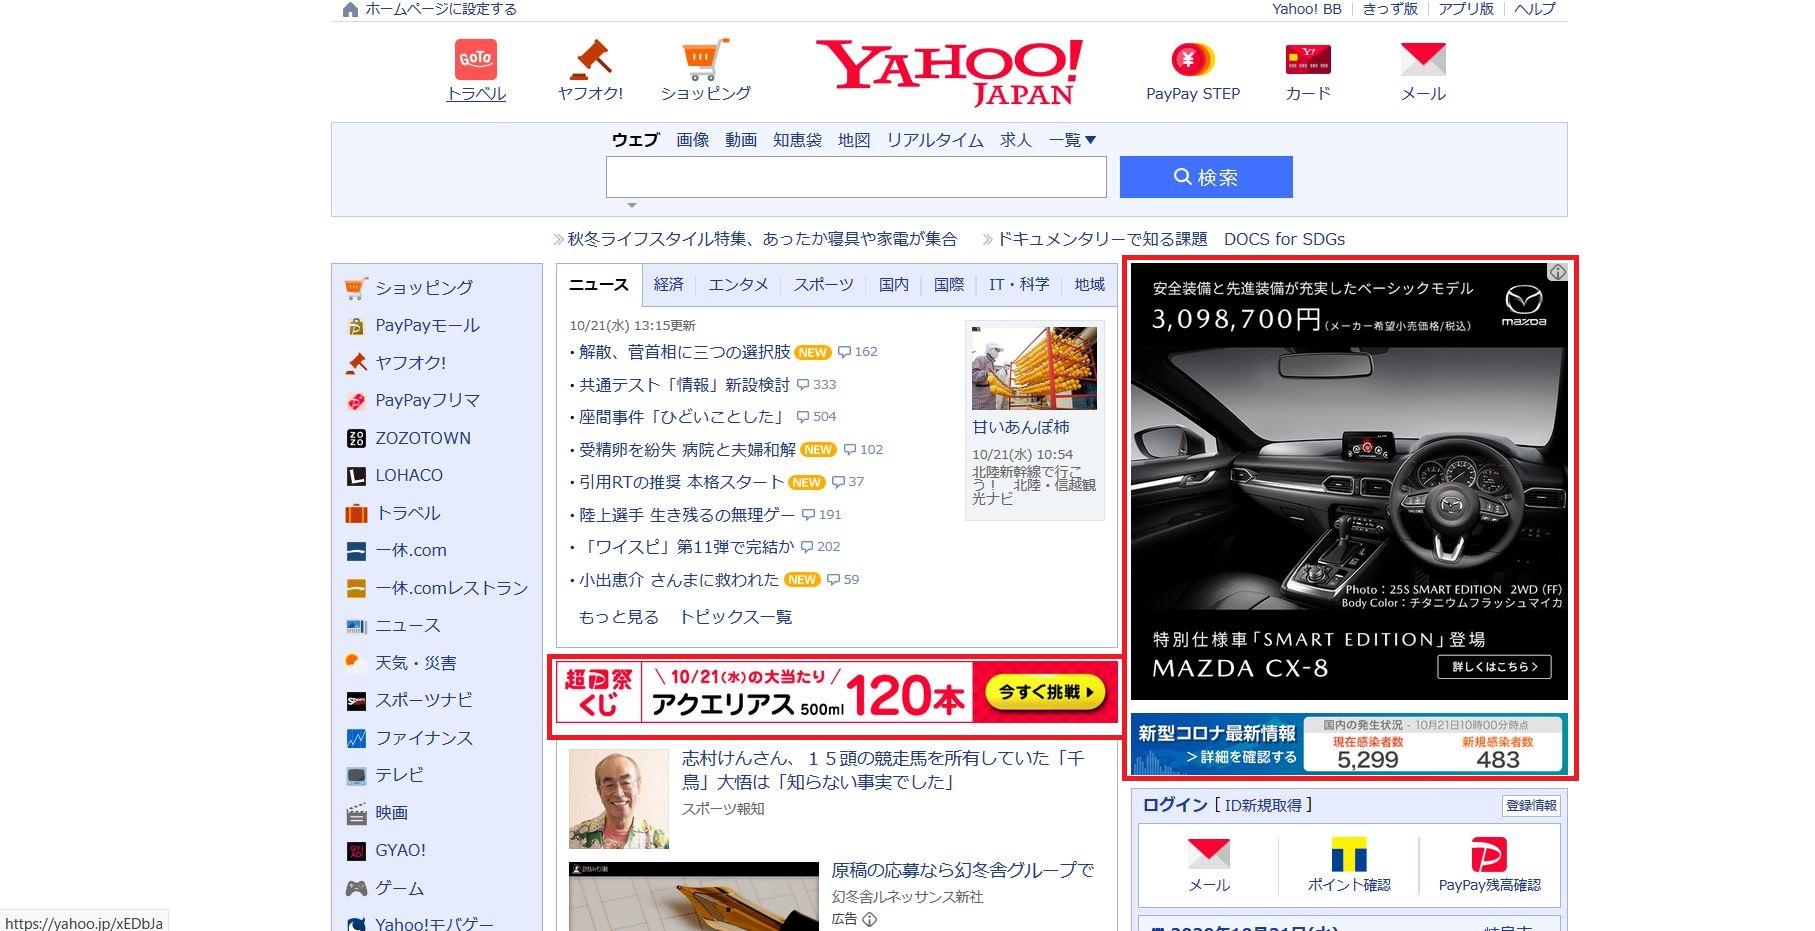 yahoo ディスプレイ広告